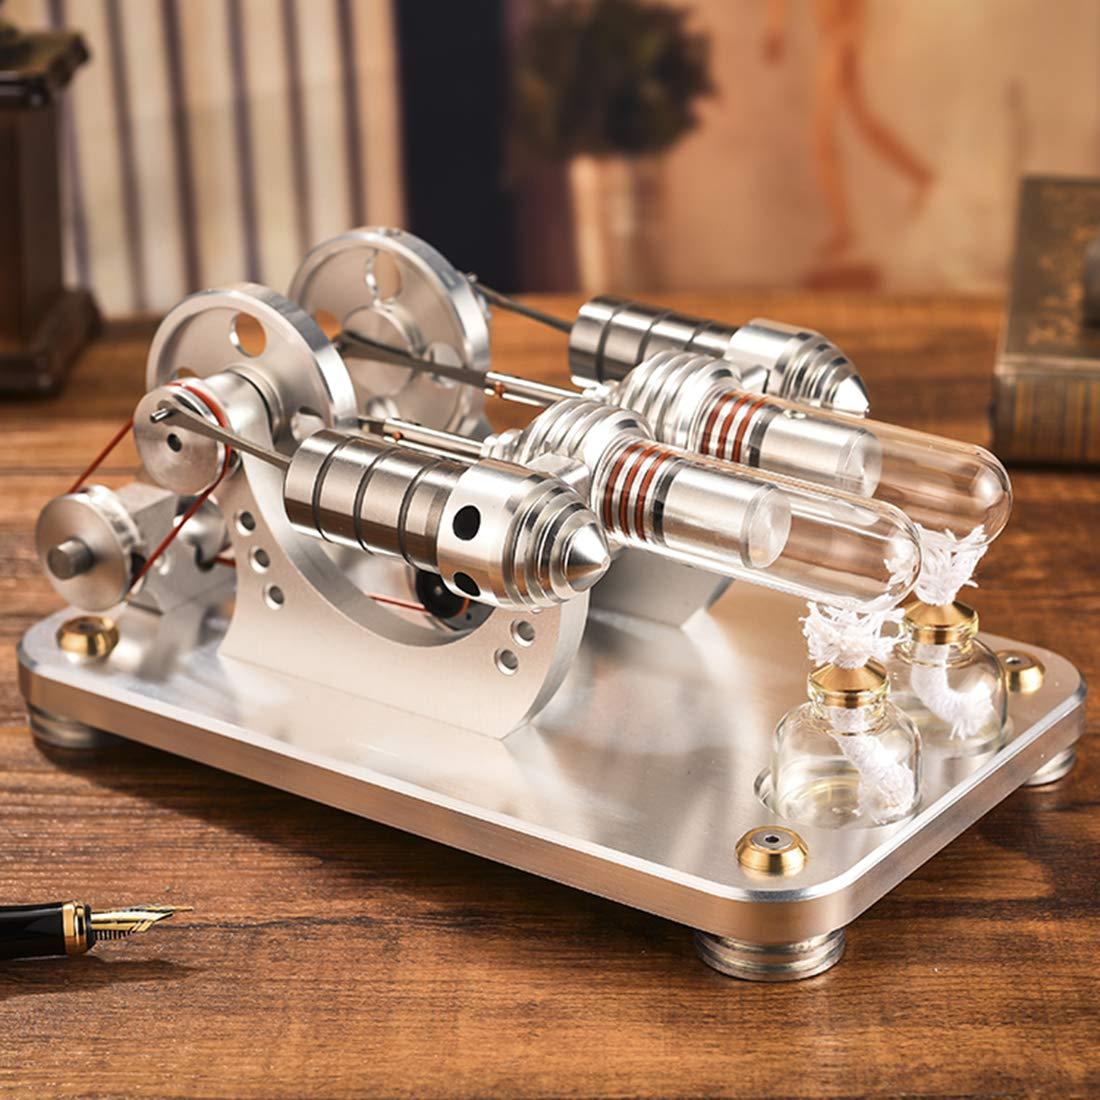 ColiCor M/étal Stirling Moteur Stirling G/én/érateur Sterling Engine Moteur Mod/èle Jouet /Éducatif pour Enfant Adulte M/étal Double Cylindre Parall/èle